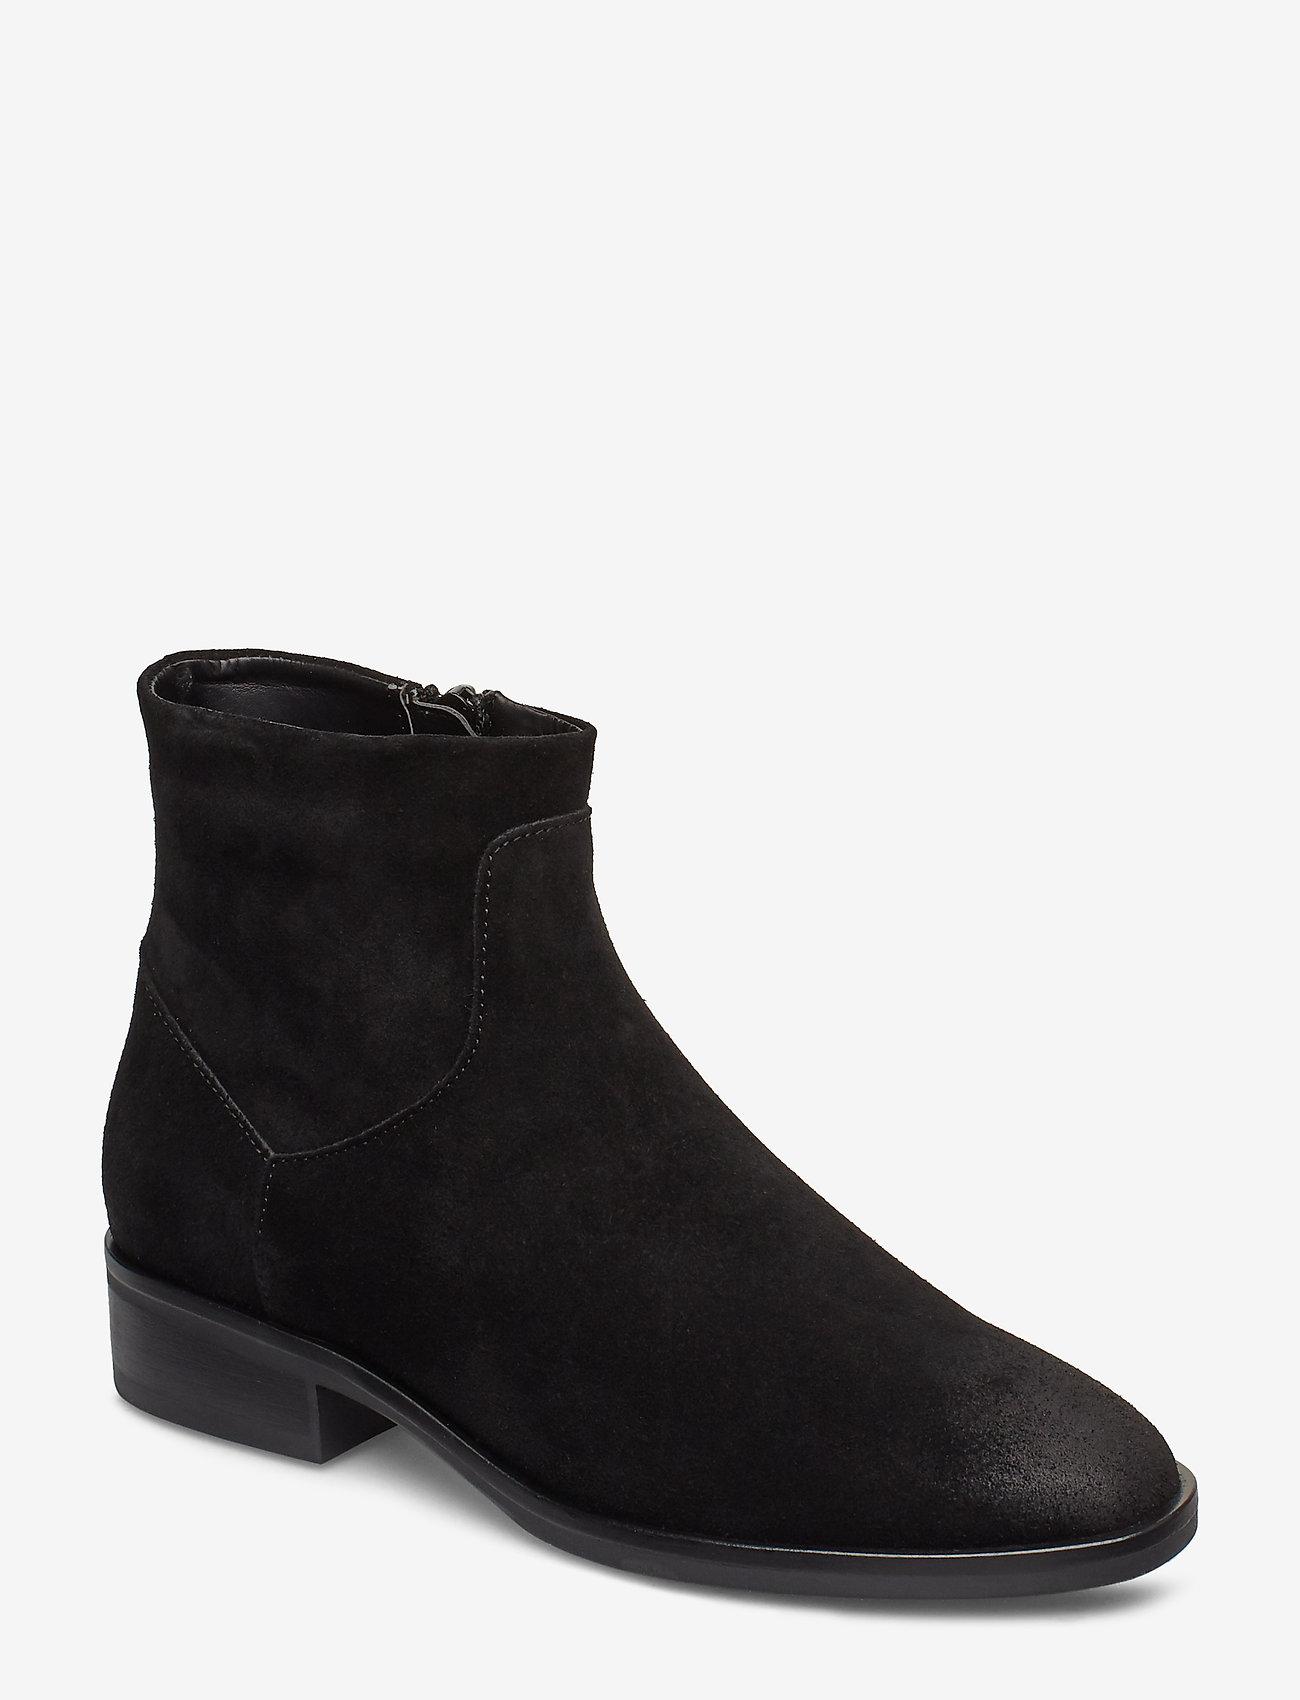 Clarks - Pure Rosa - flade ankelstøvler - black sde - 0